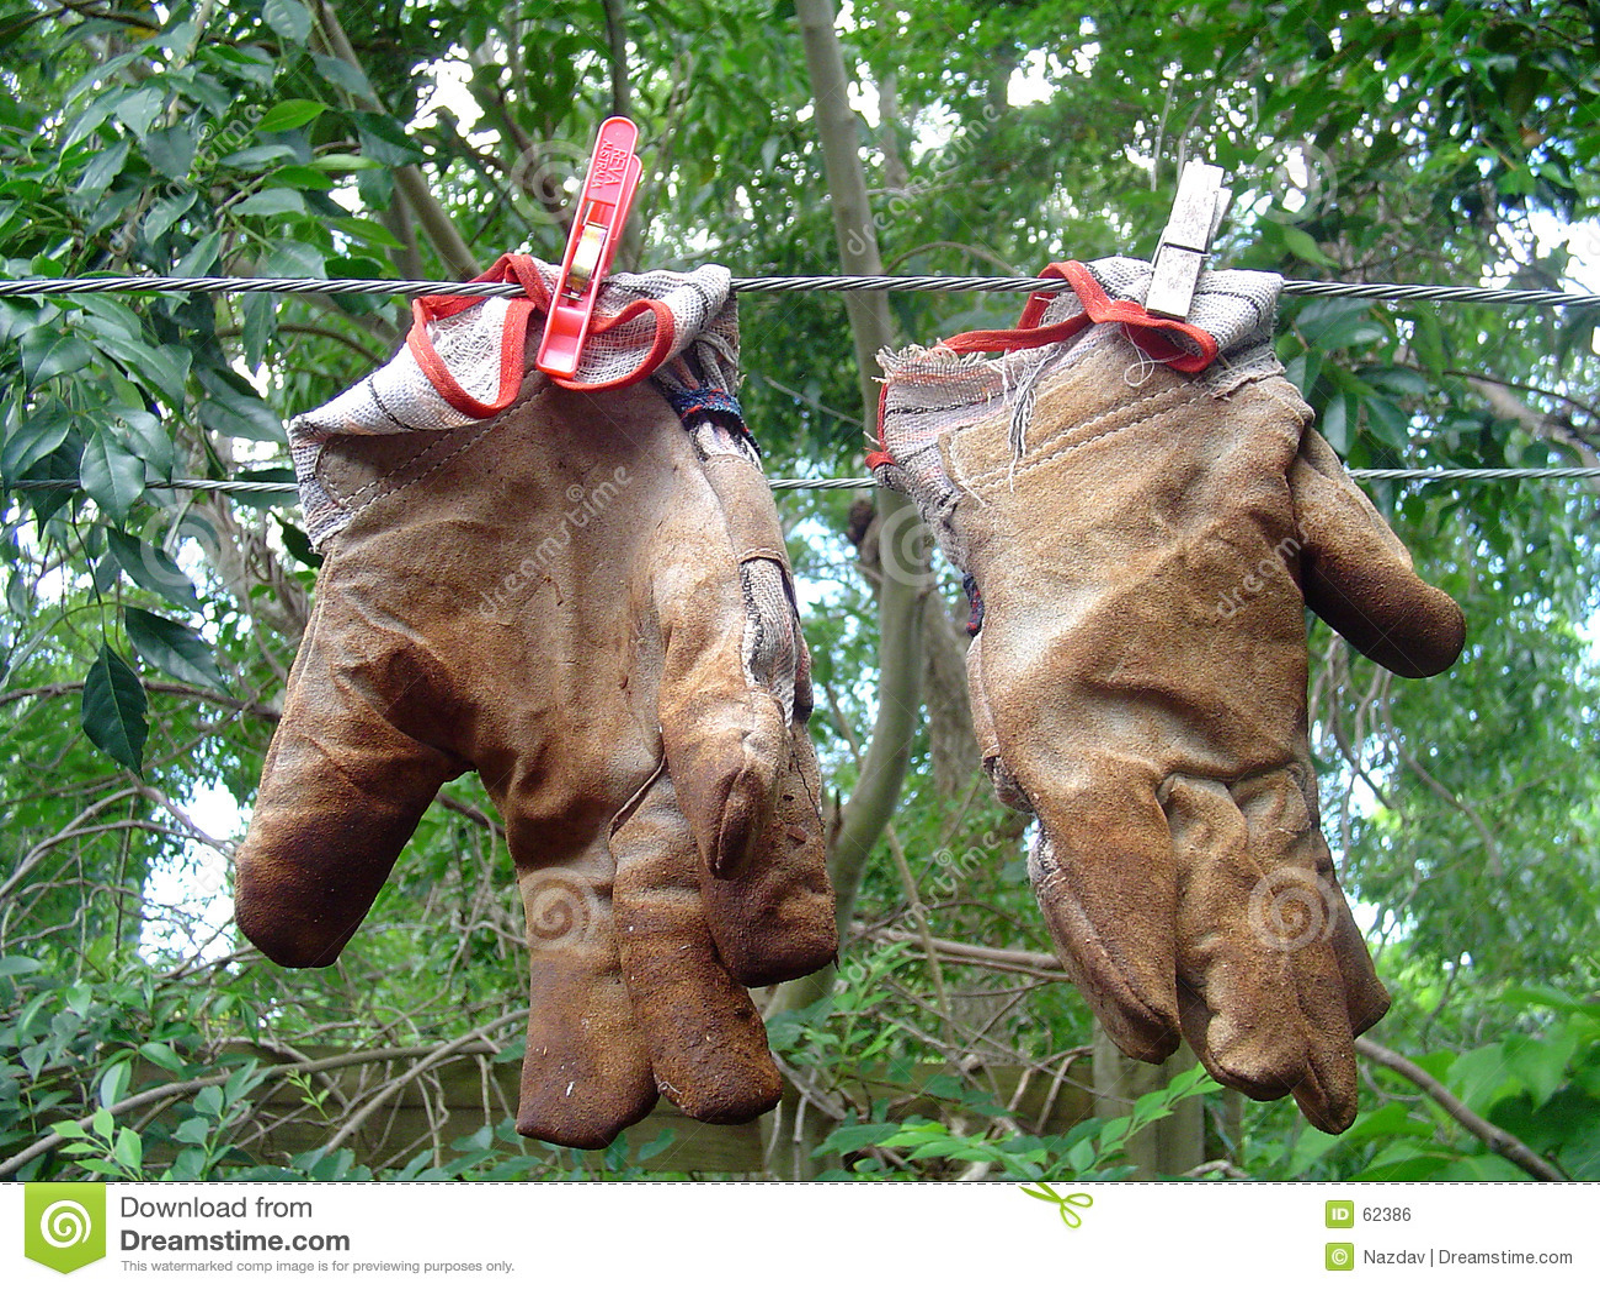 从事园艺的手套